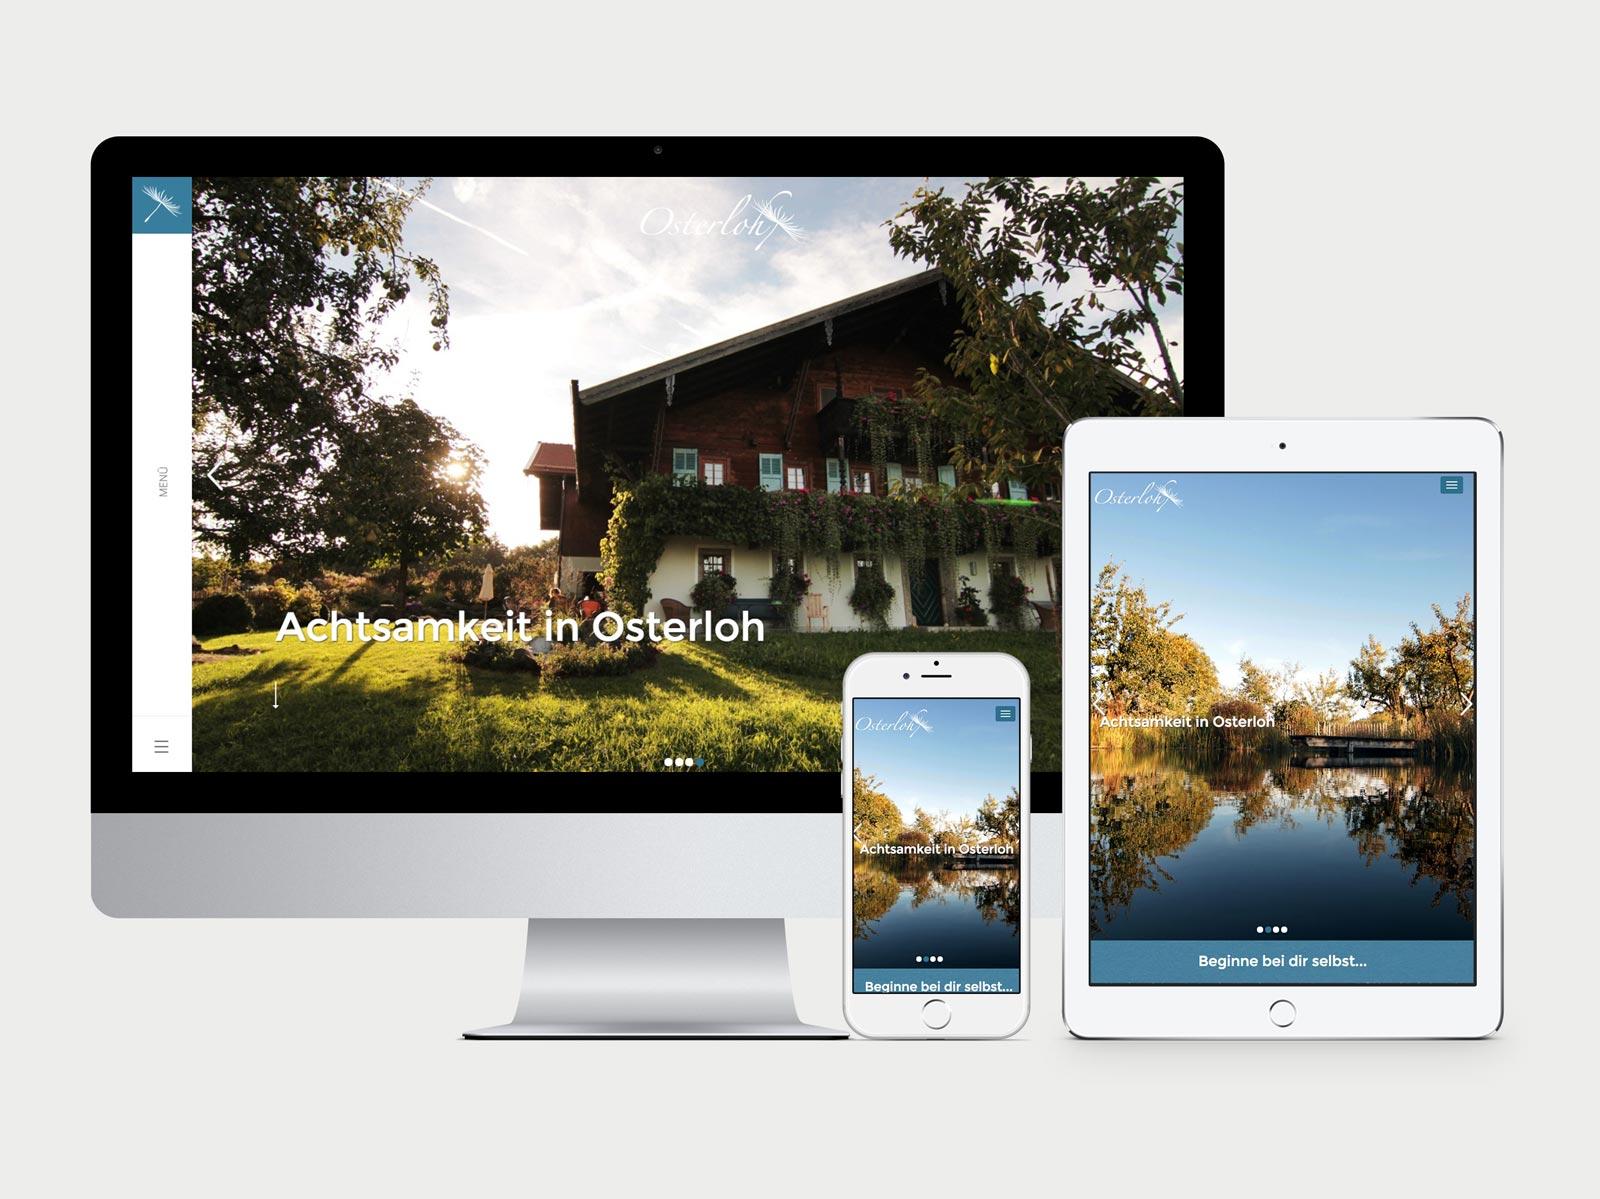 Startseite von achtsamkeit-osterloh.org, dargestellt auf iMac, iPhone, iPad